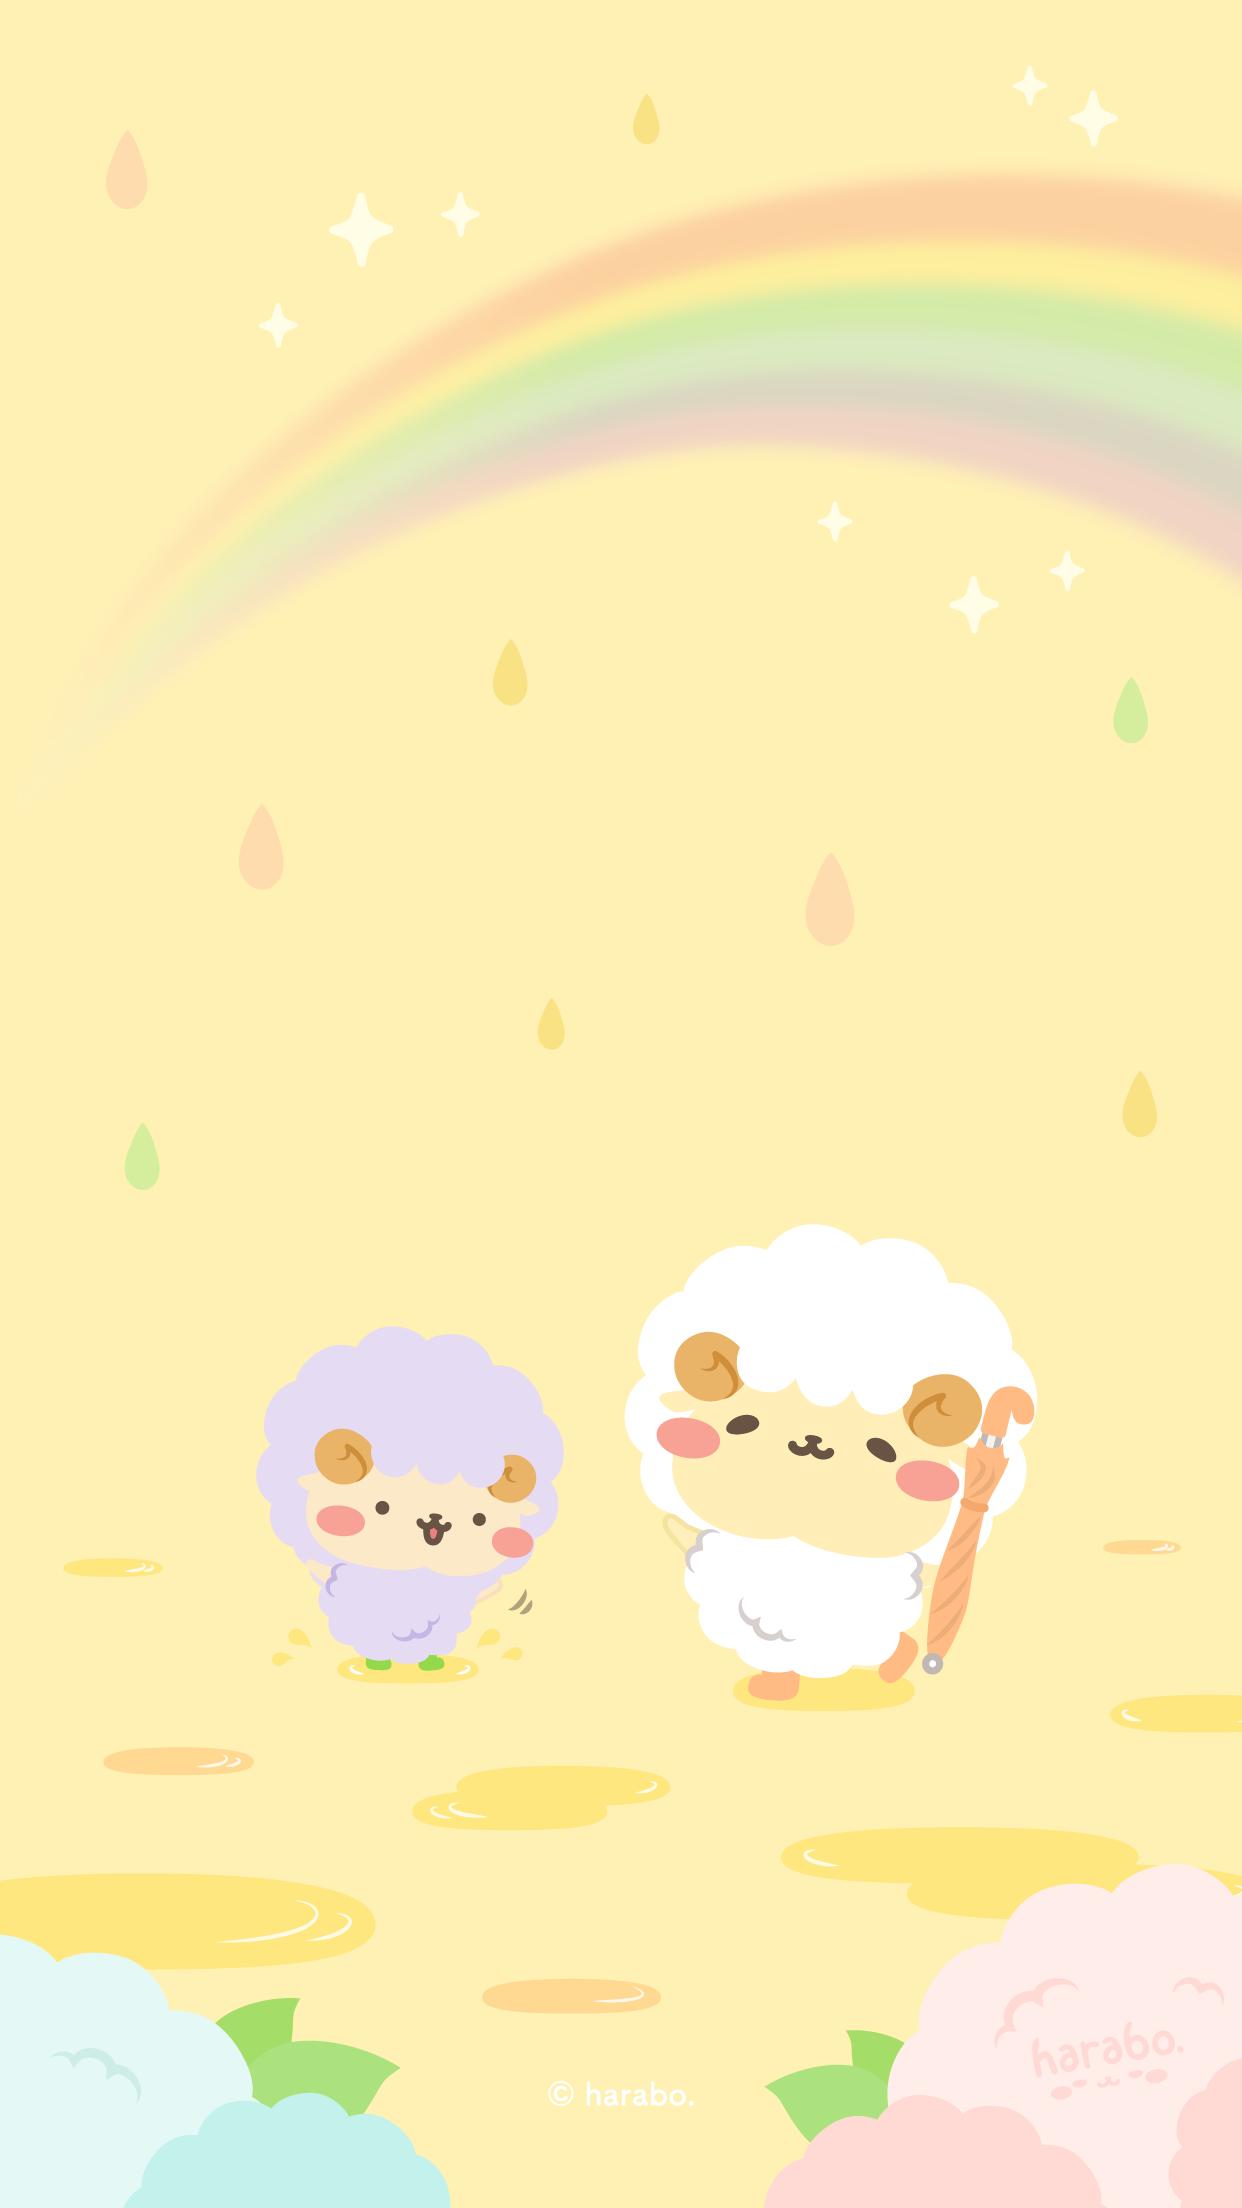 雨上がりの虹 その2